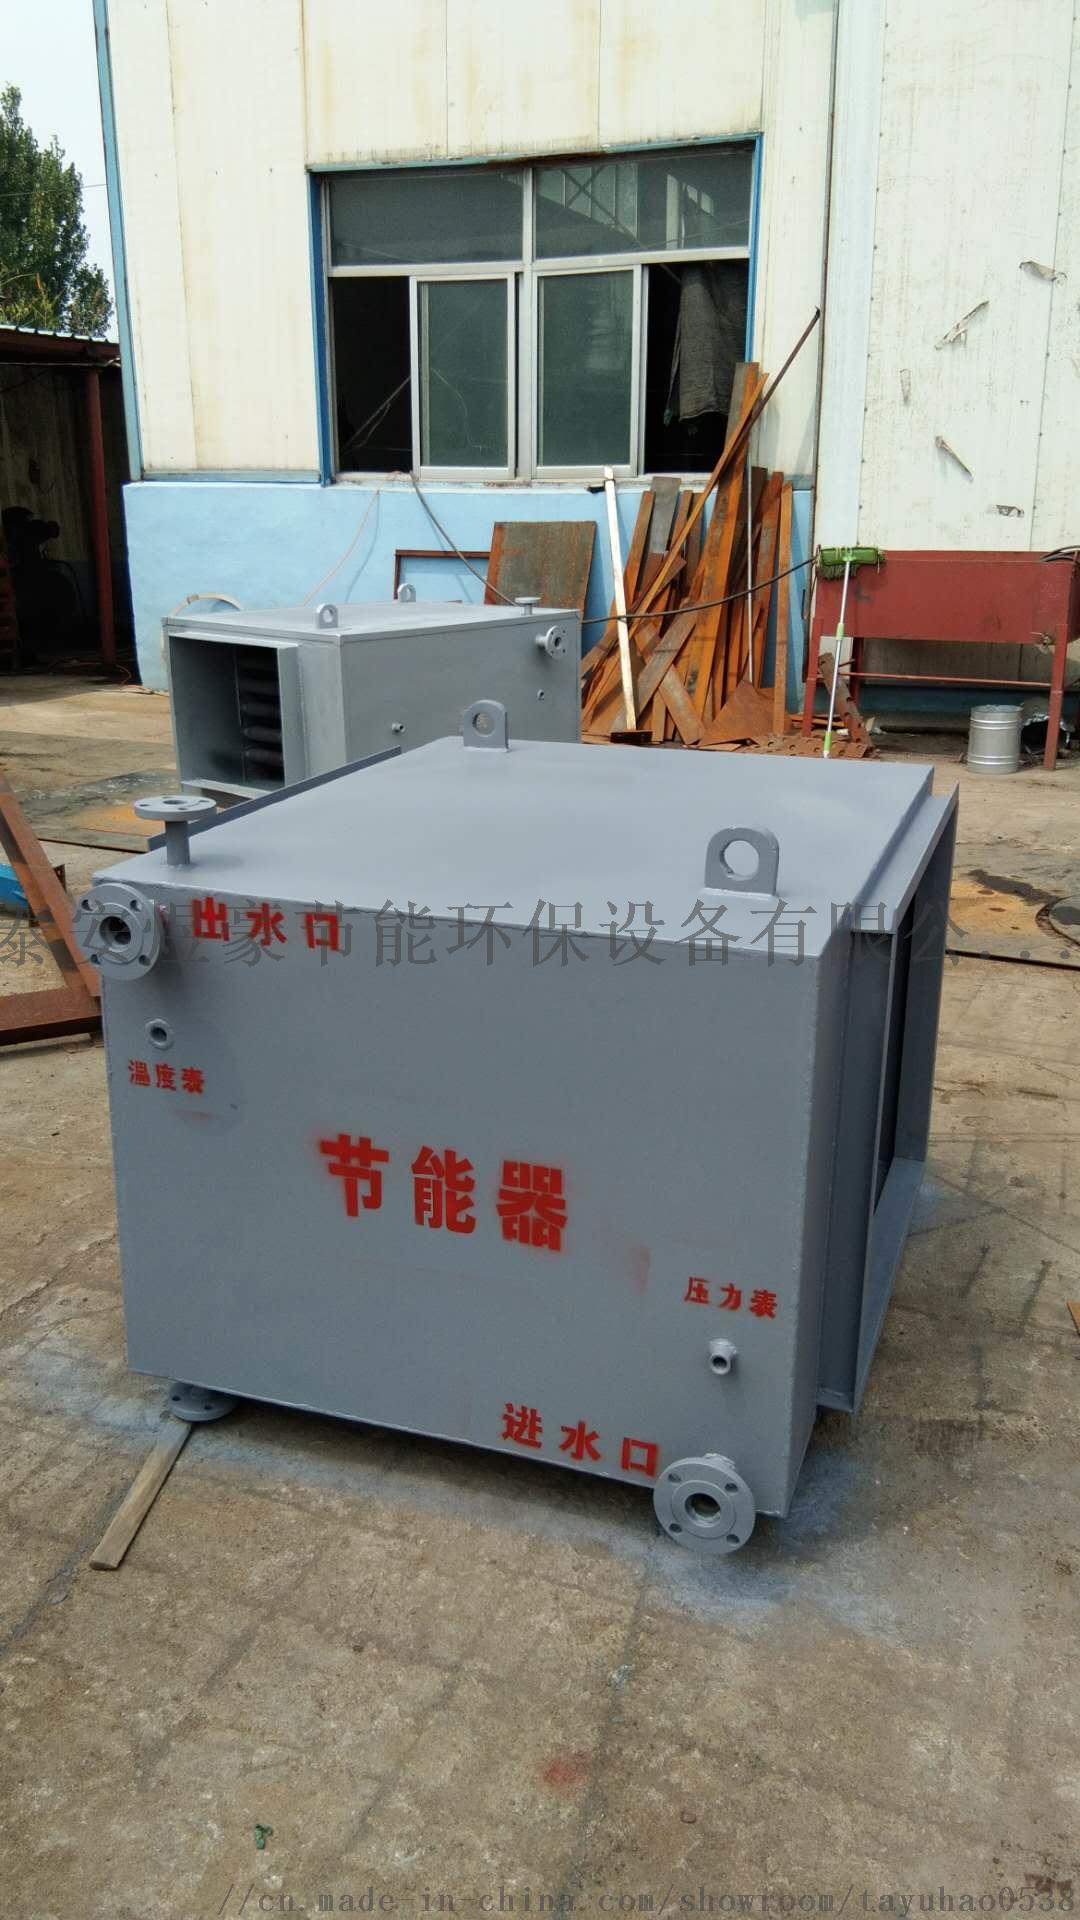 锅炉节能器779388082